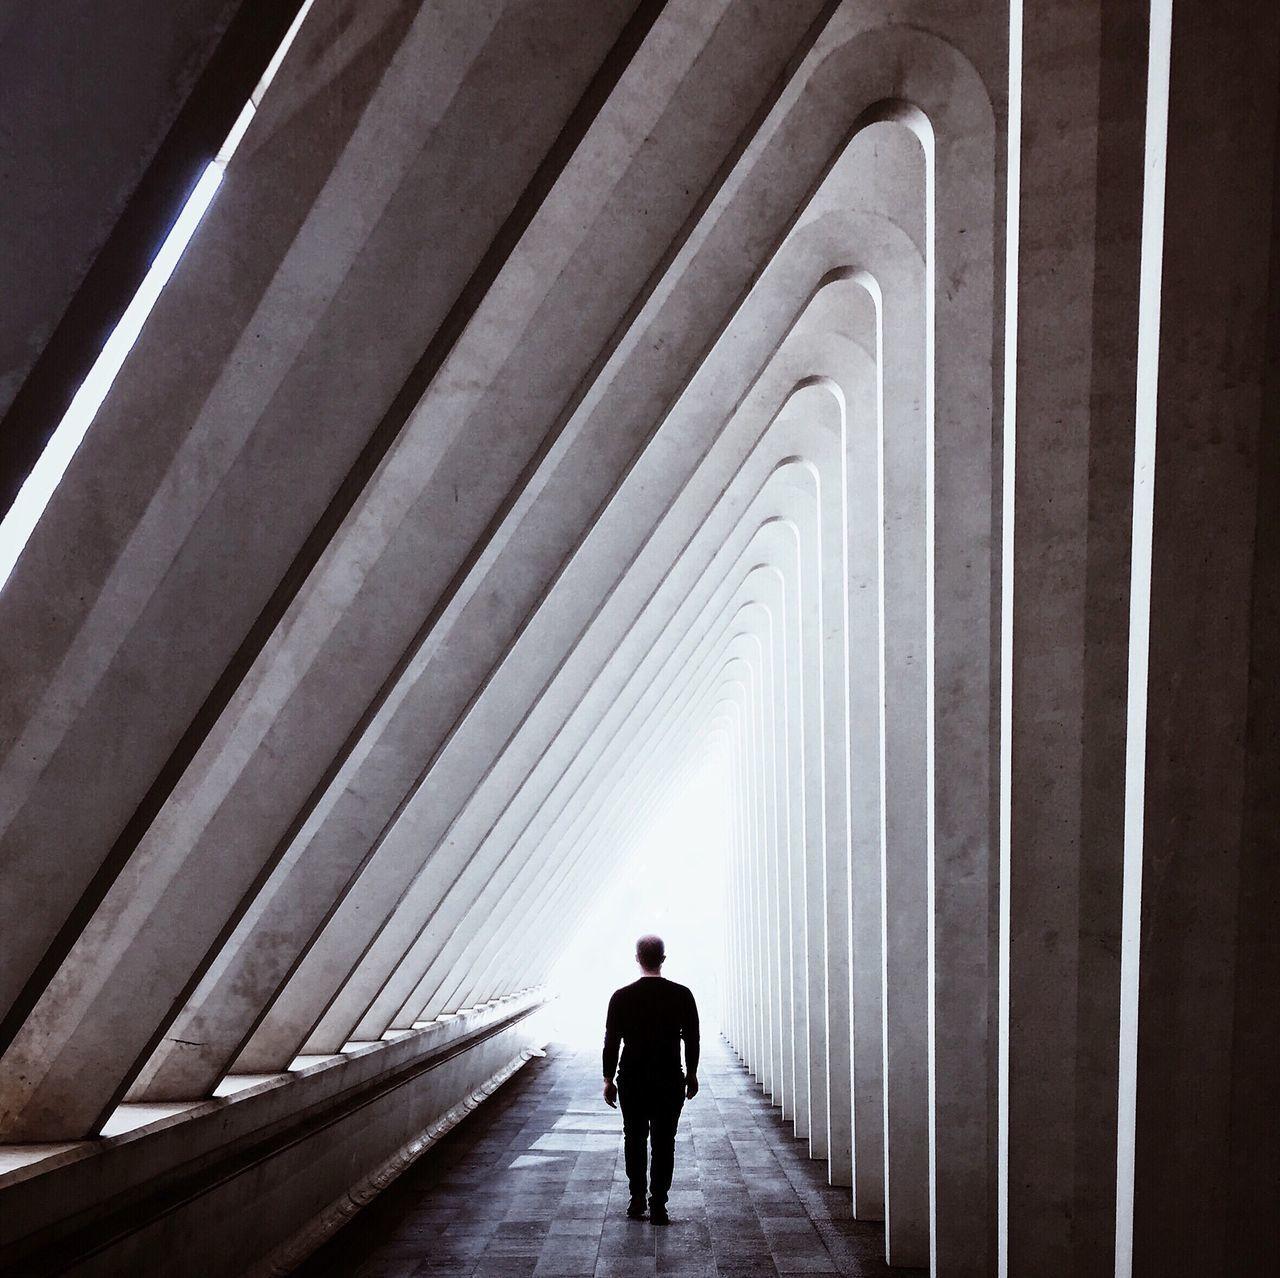 REAR VIEW OF PEOPLE WALKING IN TUNNEL